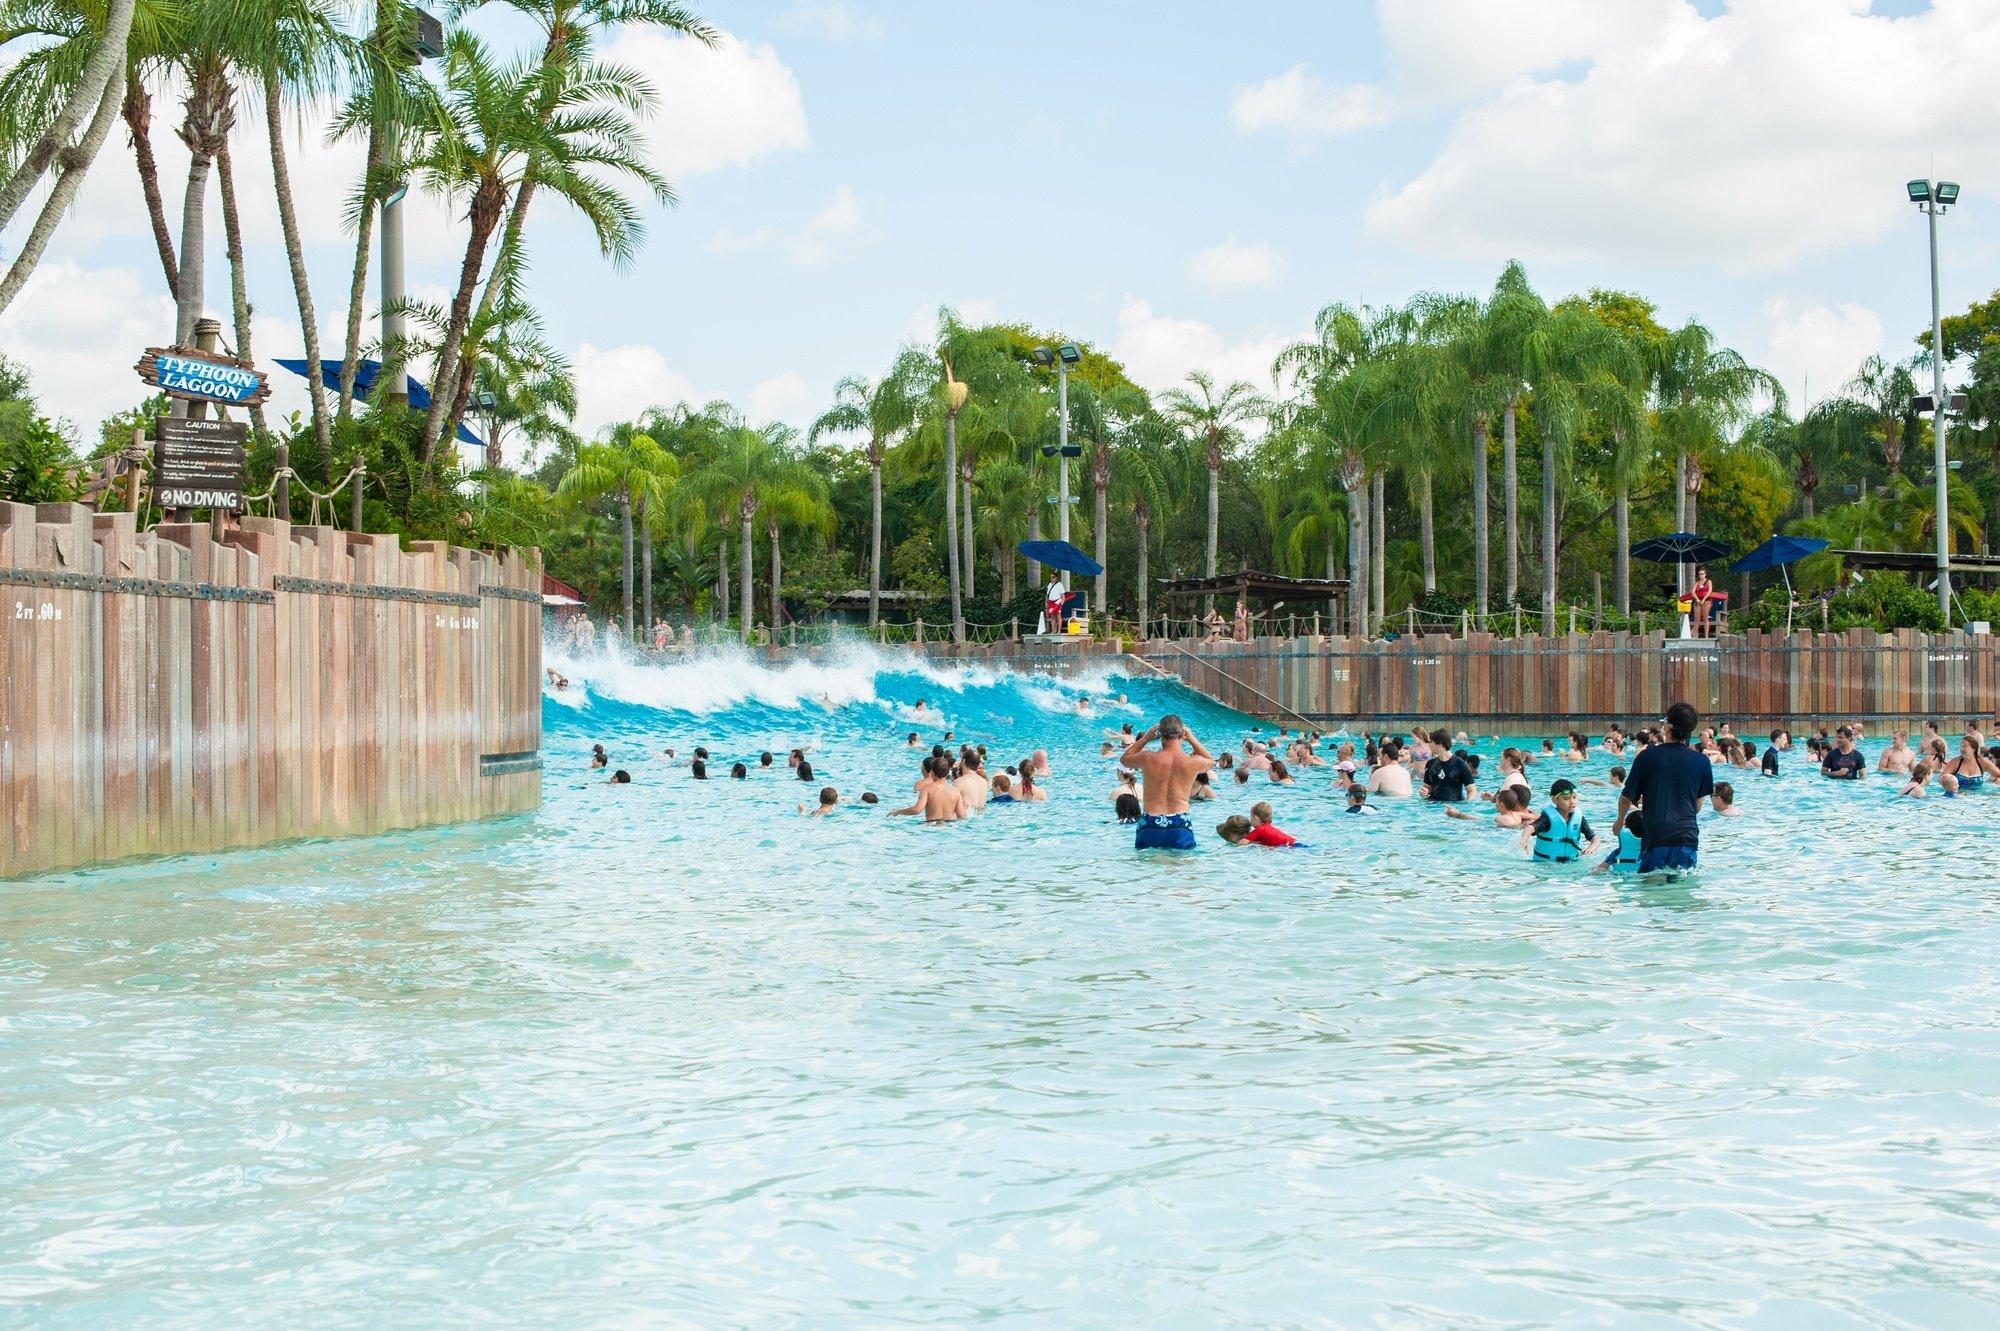 Disney's Typhoon Lagoon in Orlando with kids